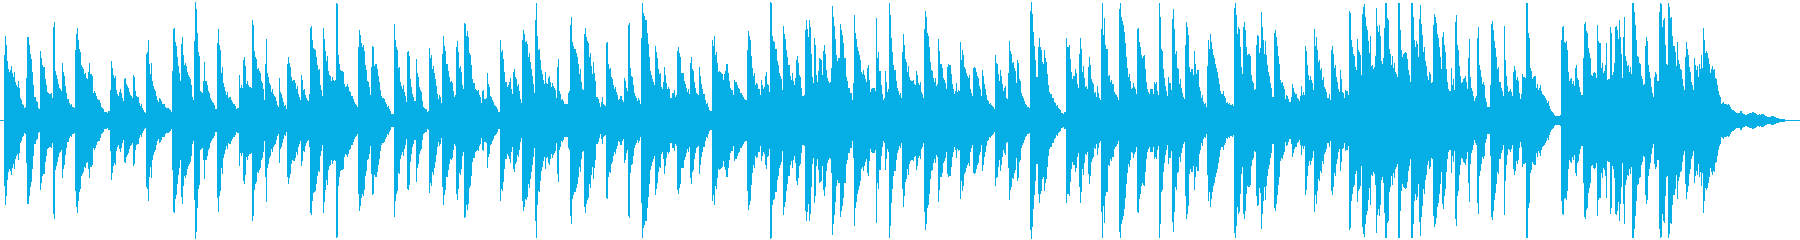 優しい日差しをイメージしたバラードBGMの再生済みの波形